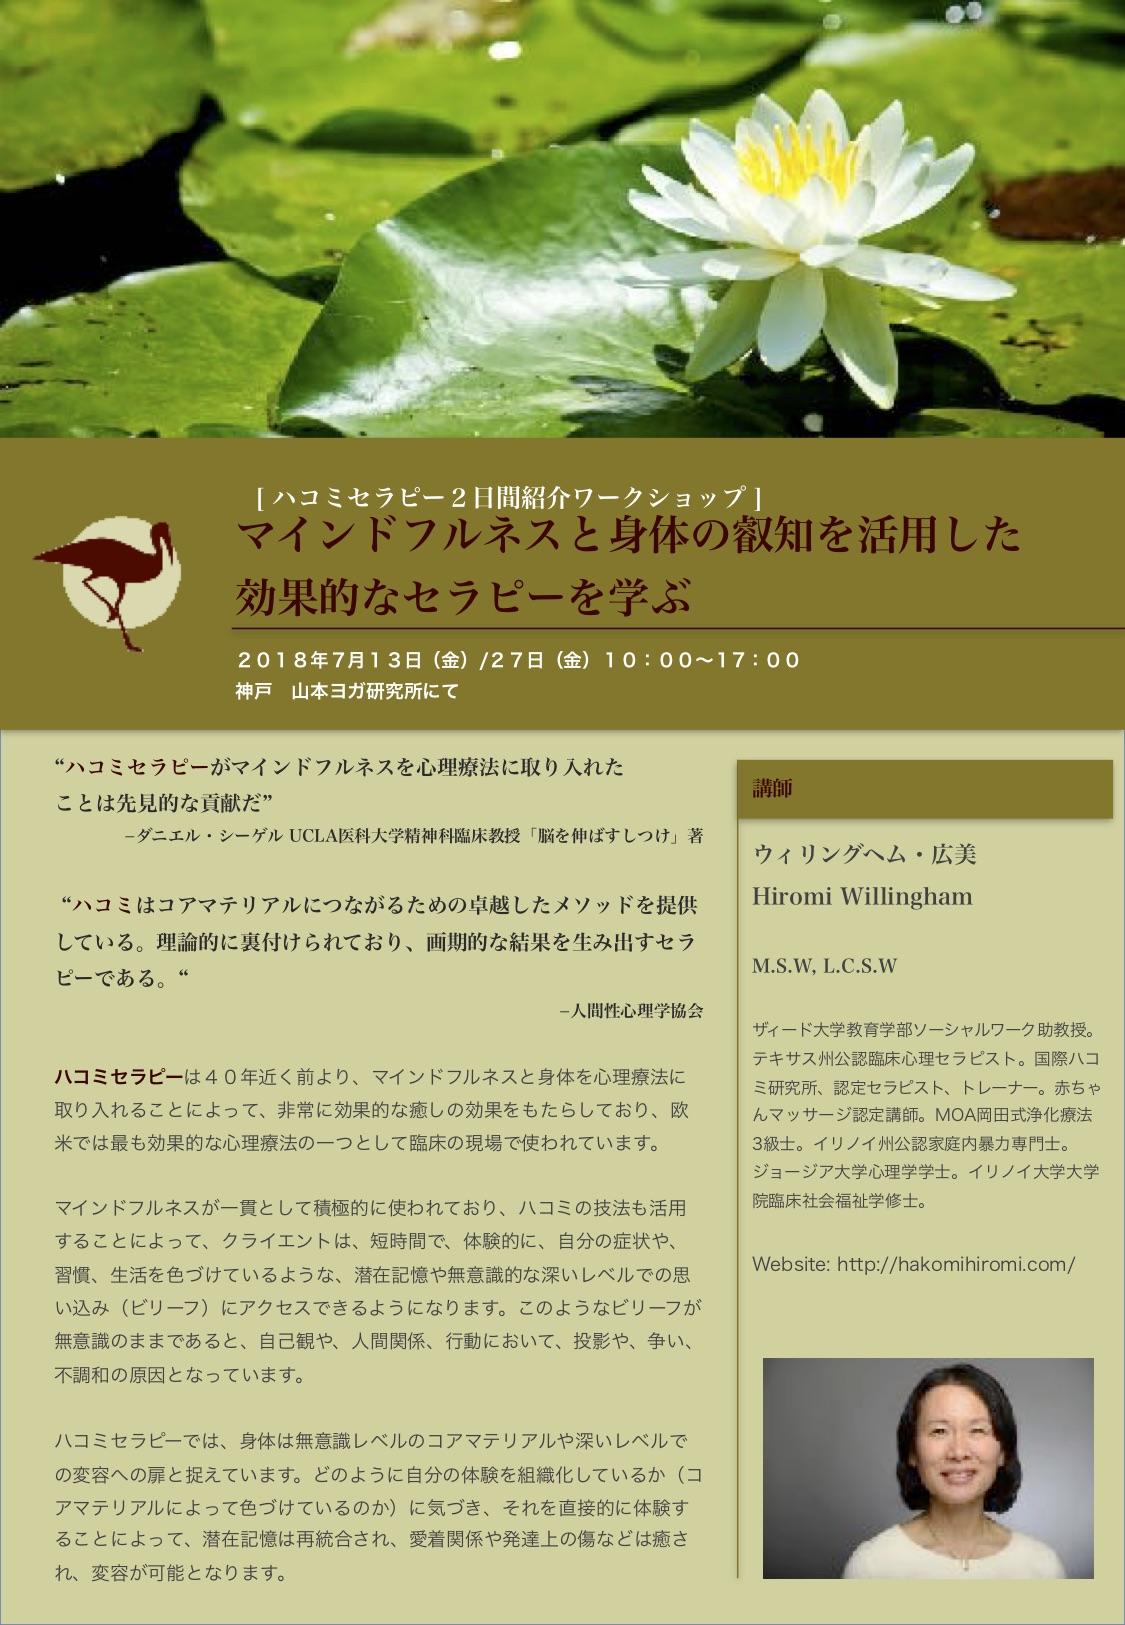 ハコミセラピー〜マインドフルネスと身体の叡知を活用した効果的なセラピーを学ぶ〜」を開催ー2018年7月13日・27日